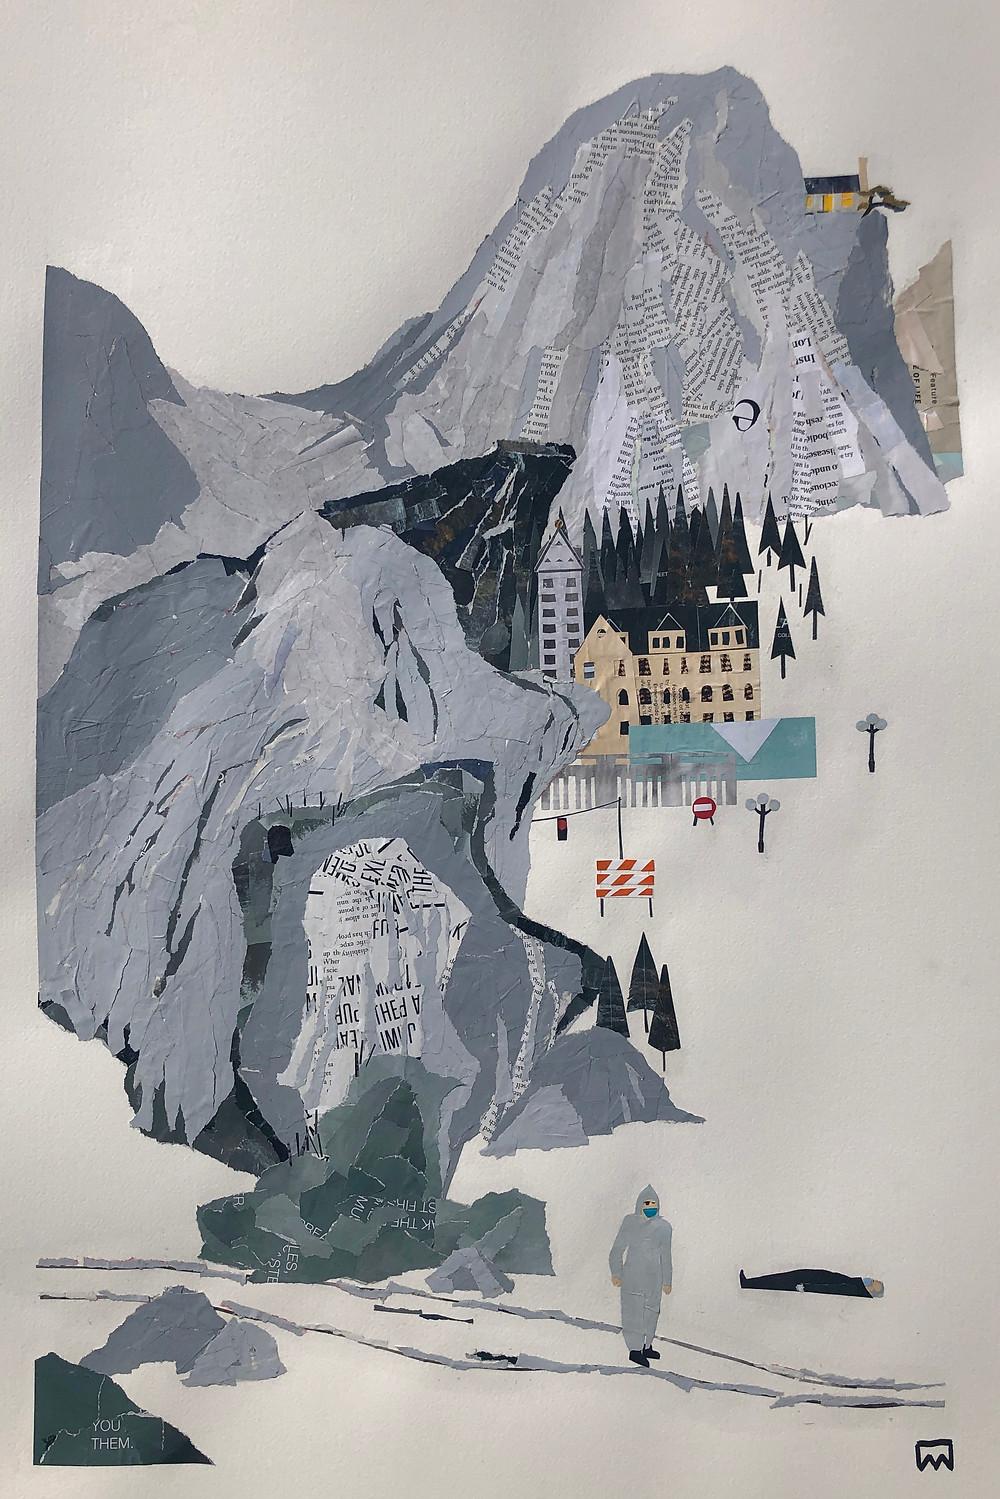 山水 Artwork by Ray Monde 雷蒙德